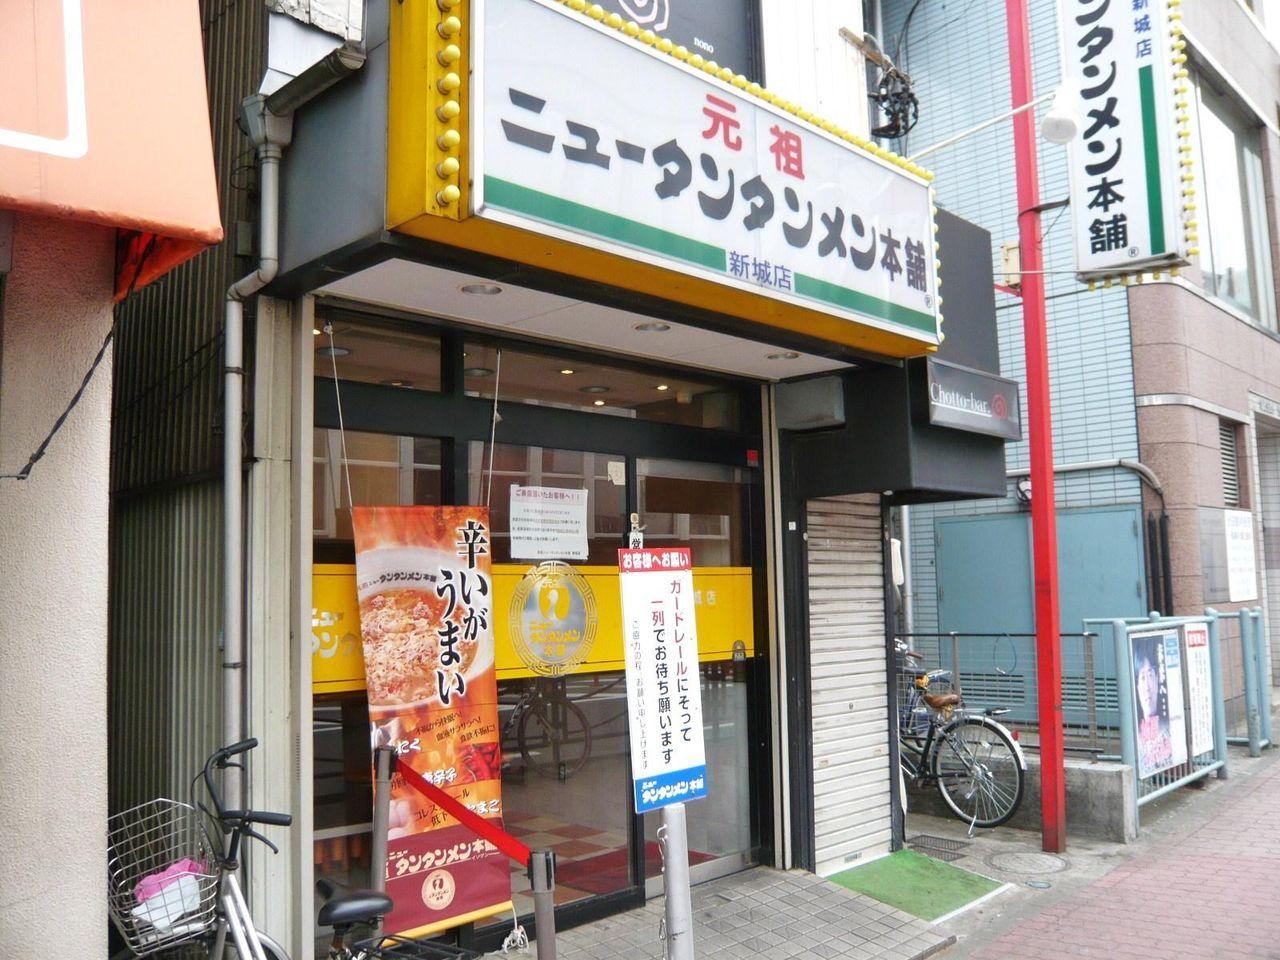 川崎周辺にチェーン展開する元祖ニュータンタンメン本舗